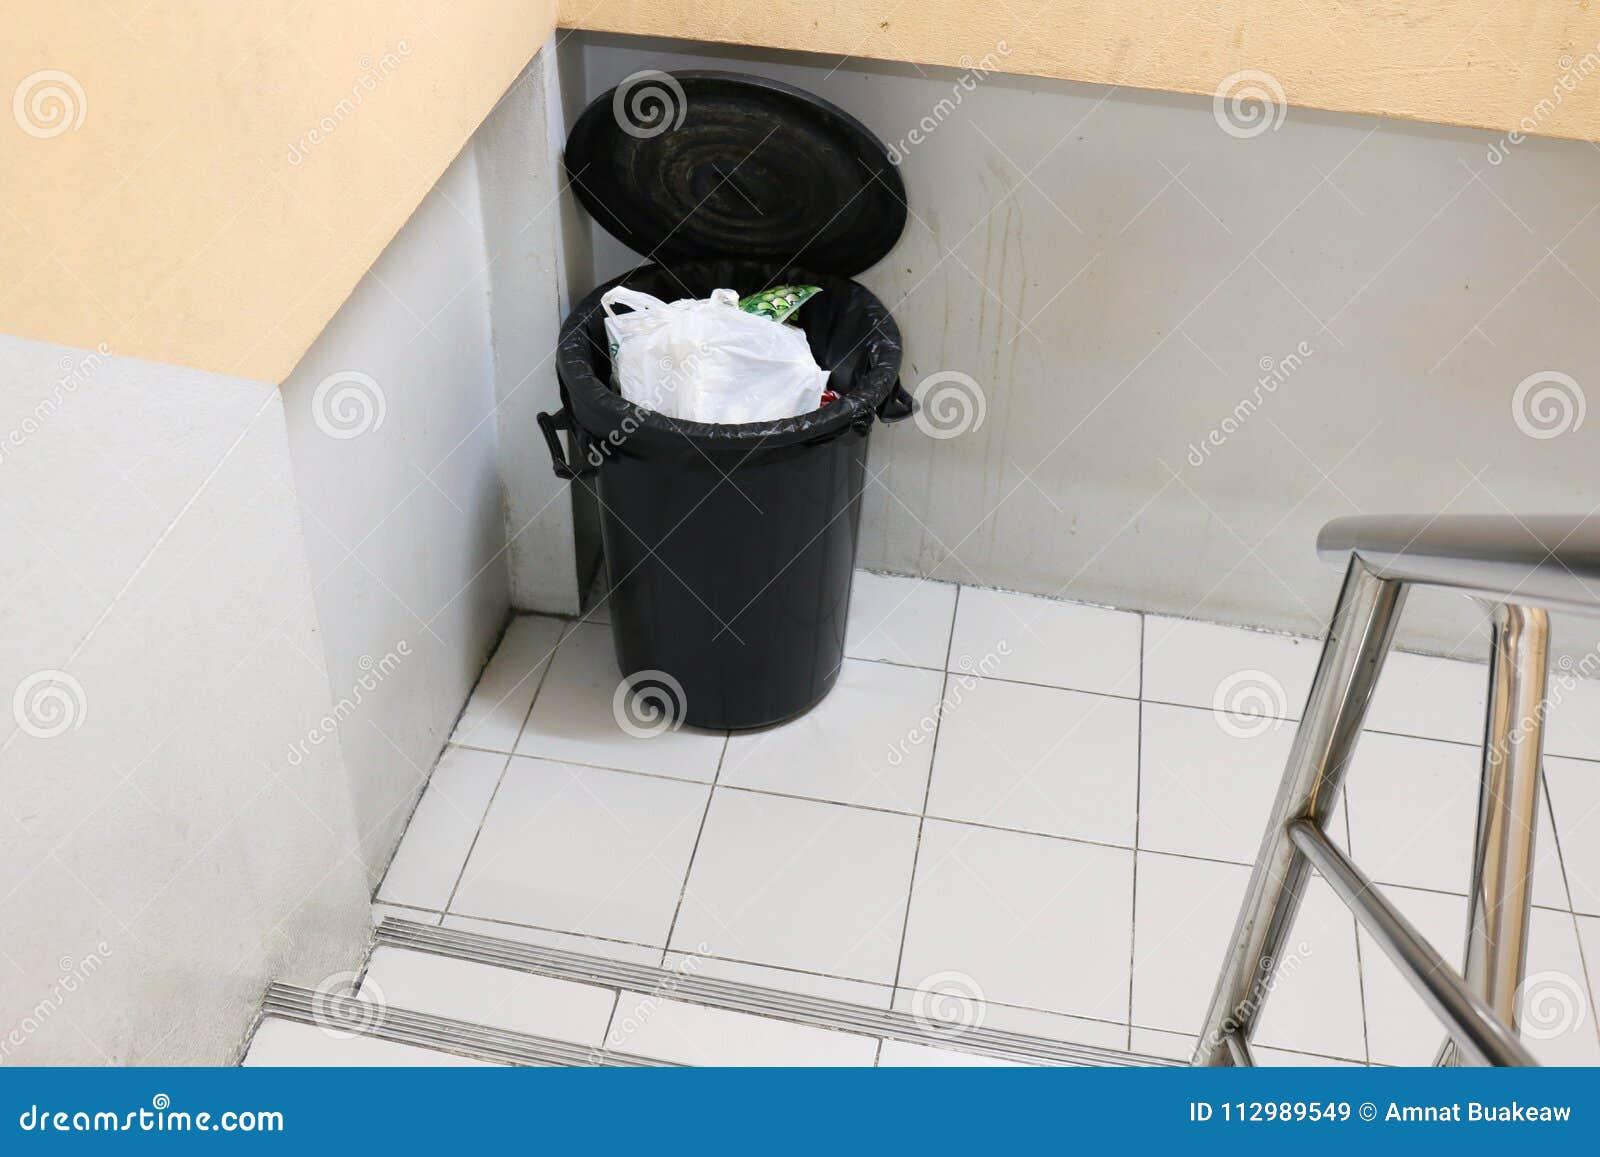 Bin Garbage or Trash on sidewalks staircase side in apartment